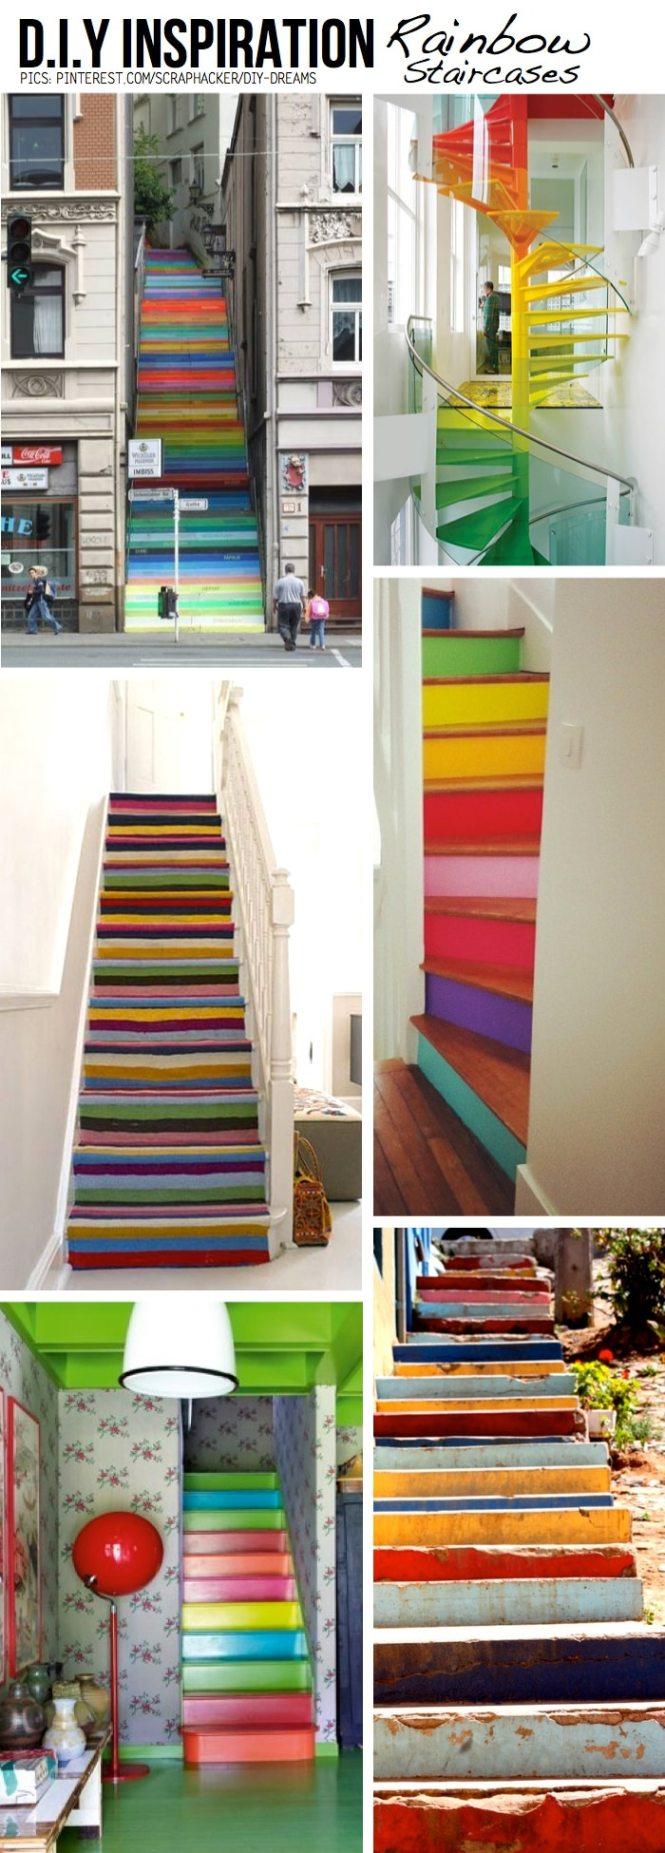 Staircase Design Diy Staircase Gallery - Diy staircase designs